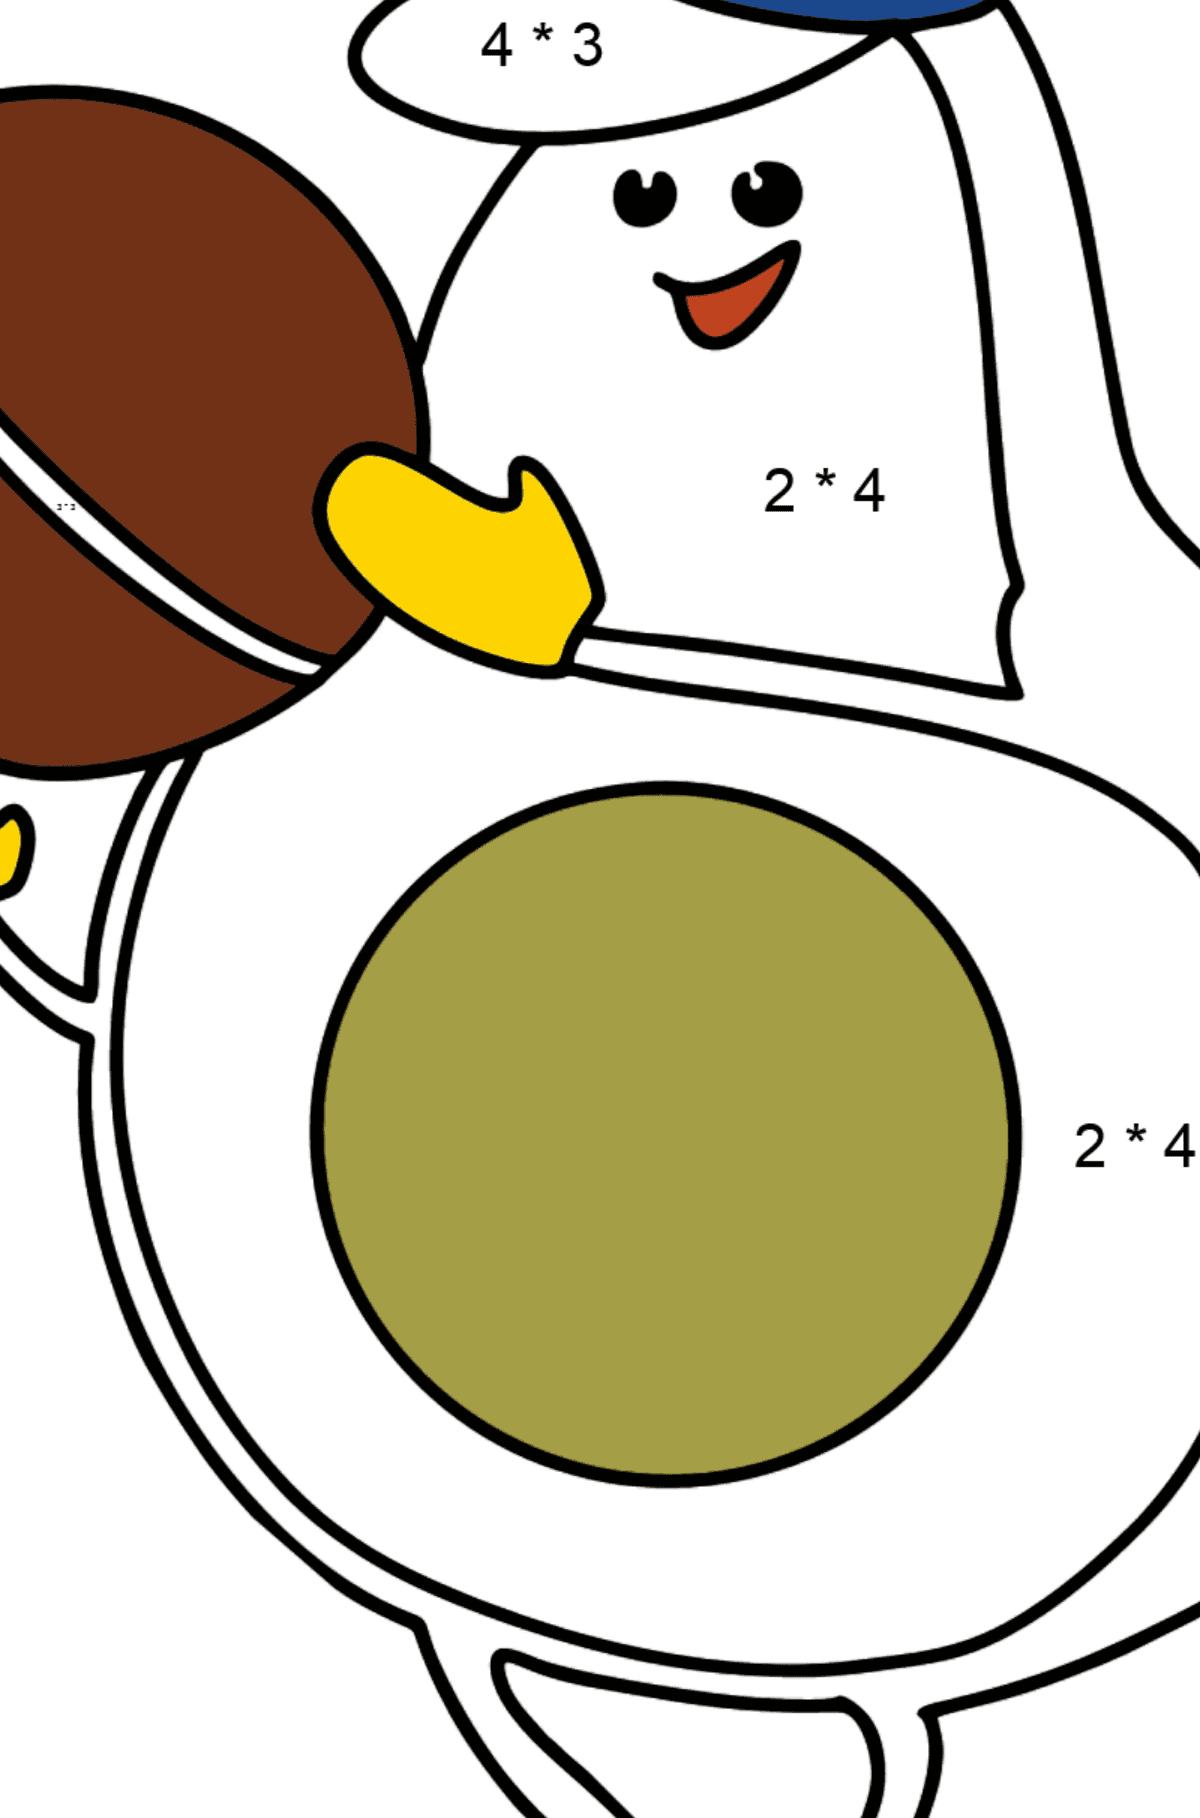 Раскраска Авокадо играет в футбол - Математическая Раскраска - Умножение для Детей